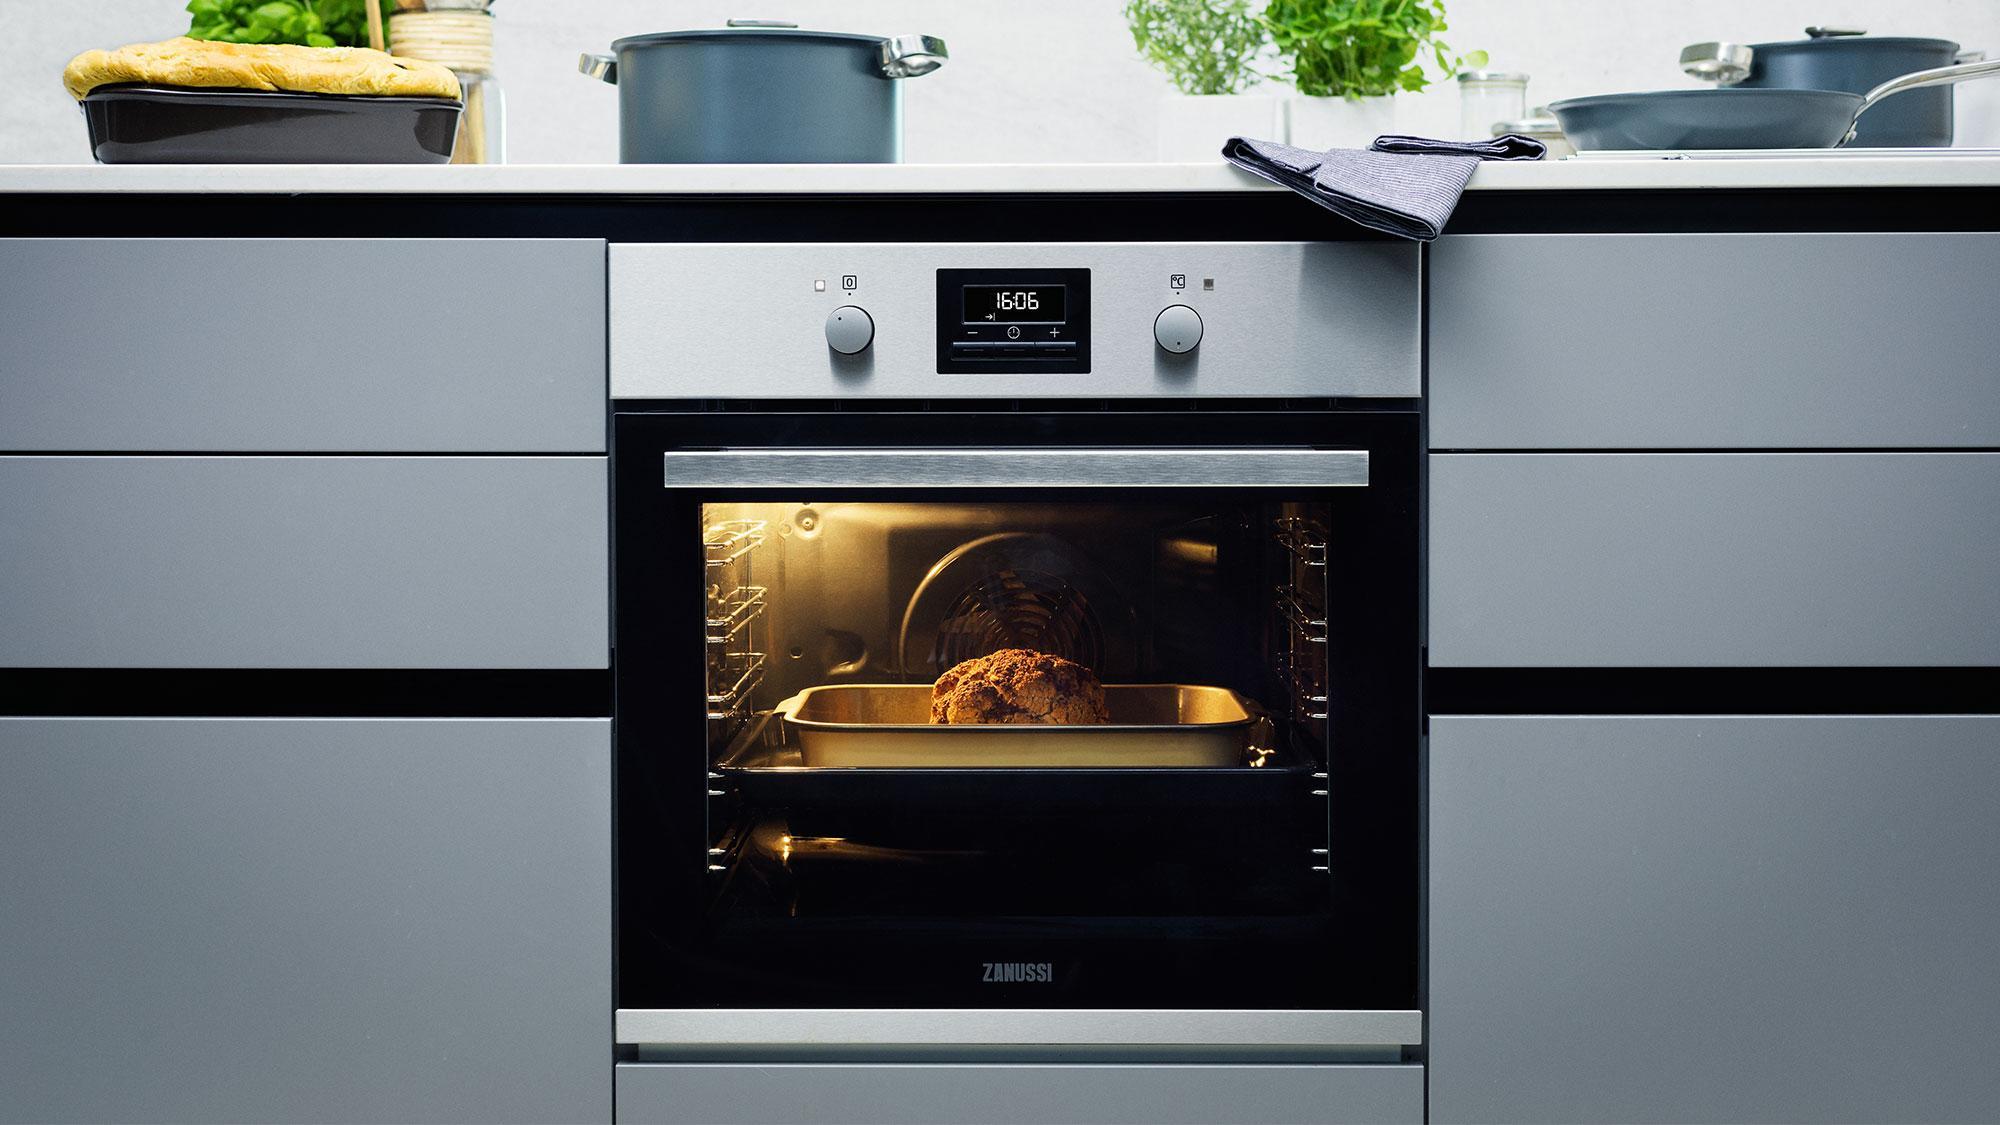 Что означают значки на духовке?